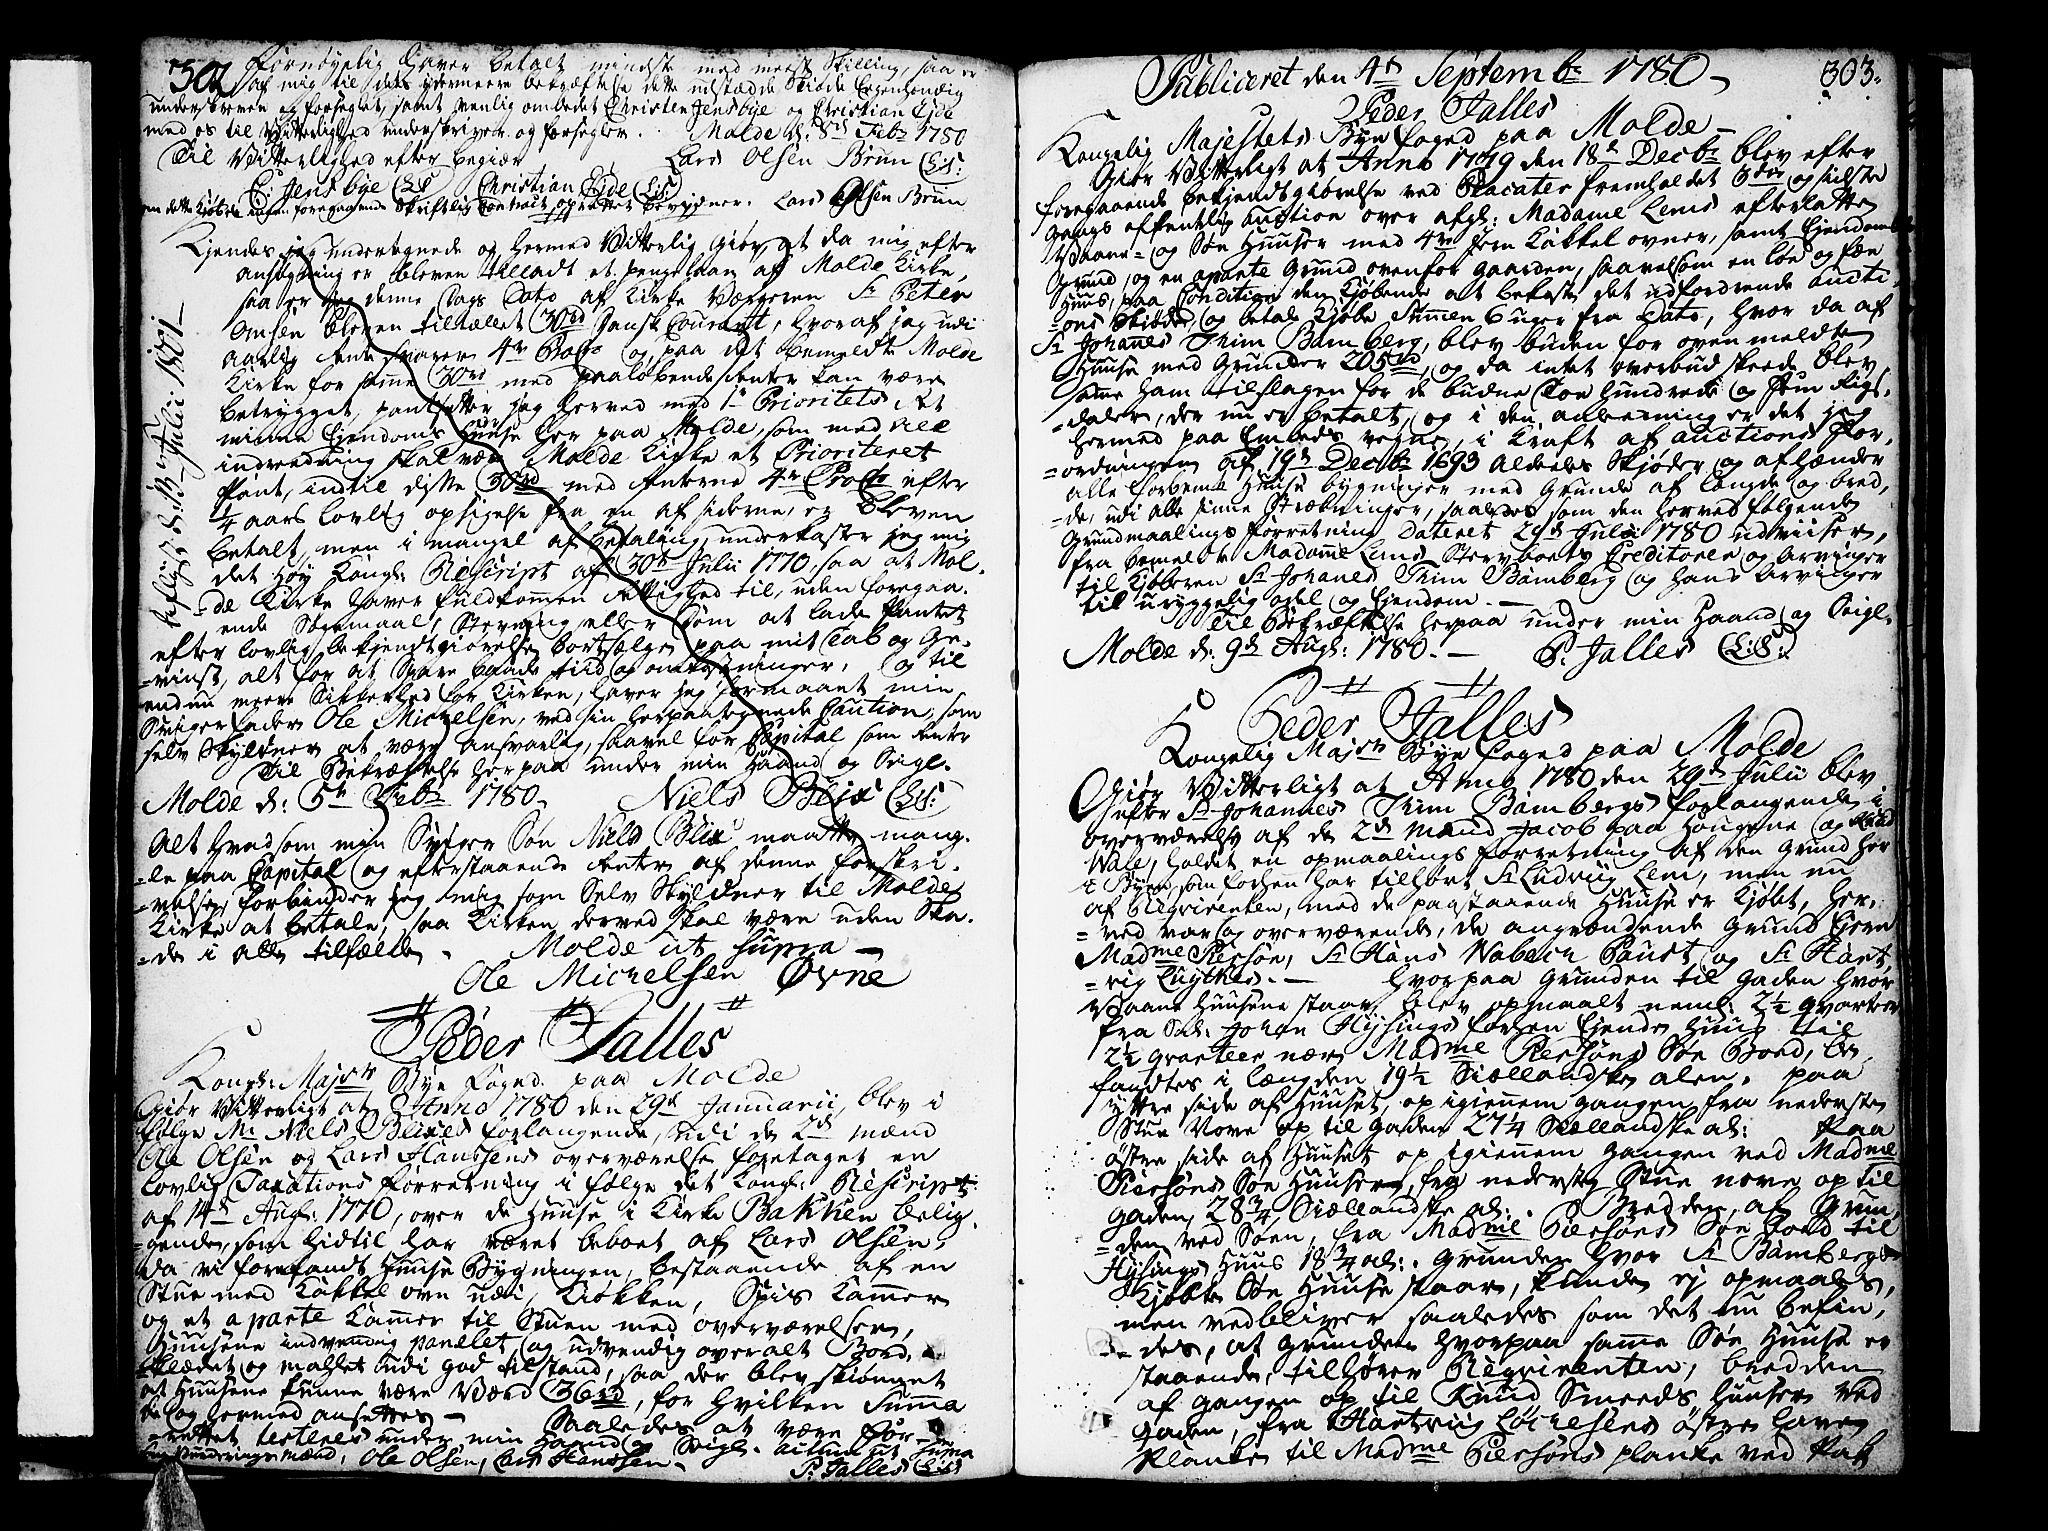 SAT, Molde byfogd, 2/2C/L0001: Pantebok nr. 1, 1748-1823, s. 302-303